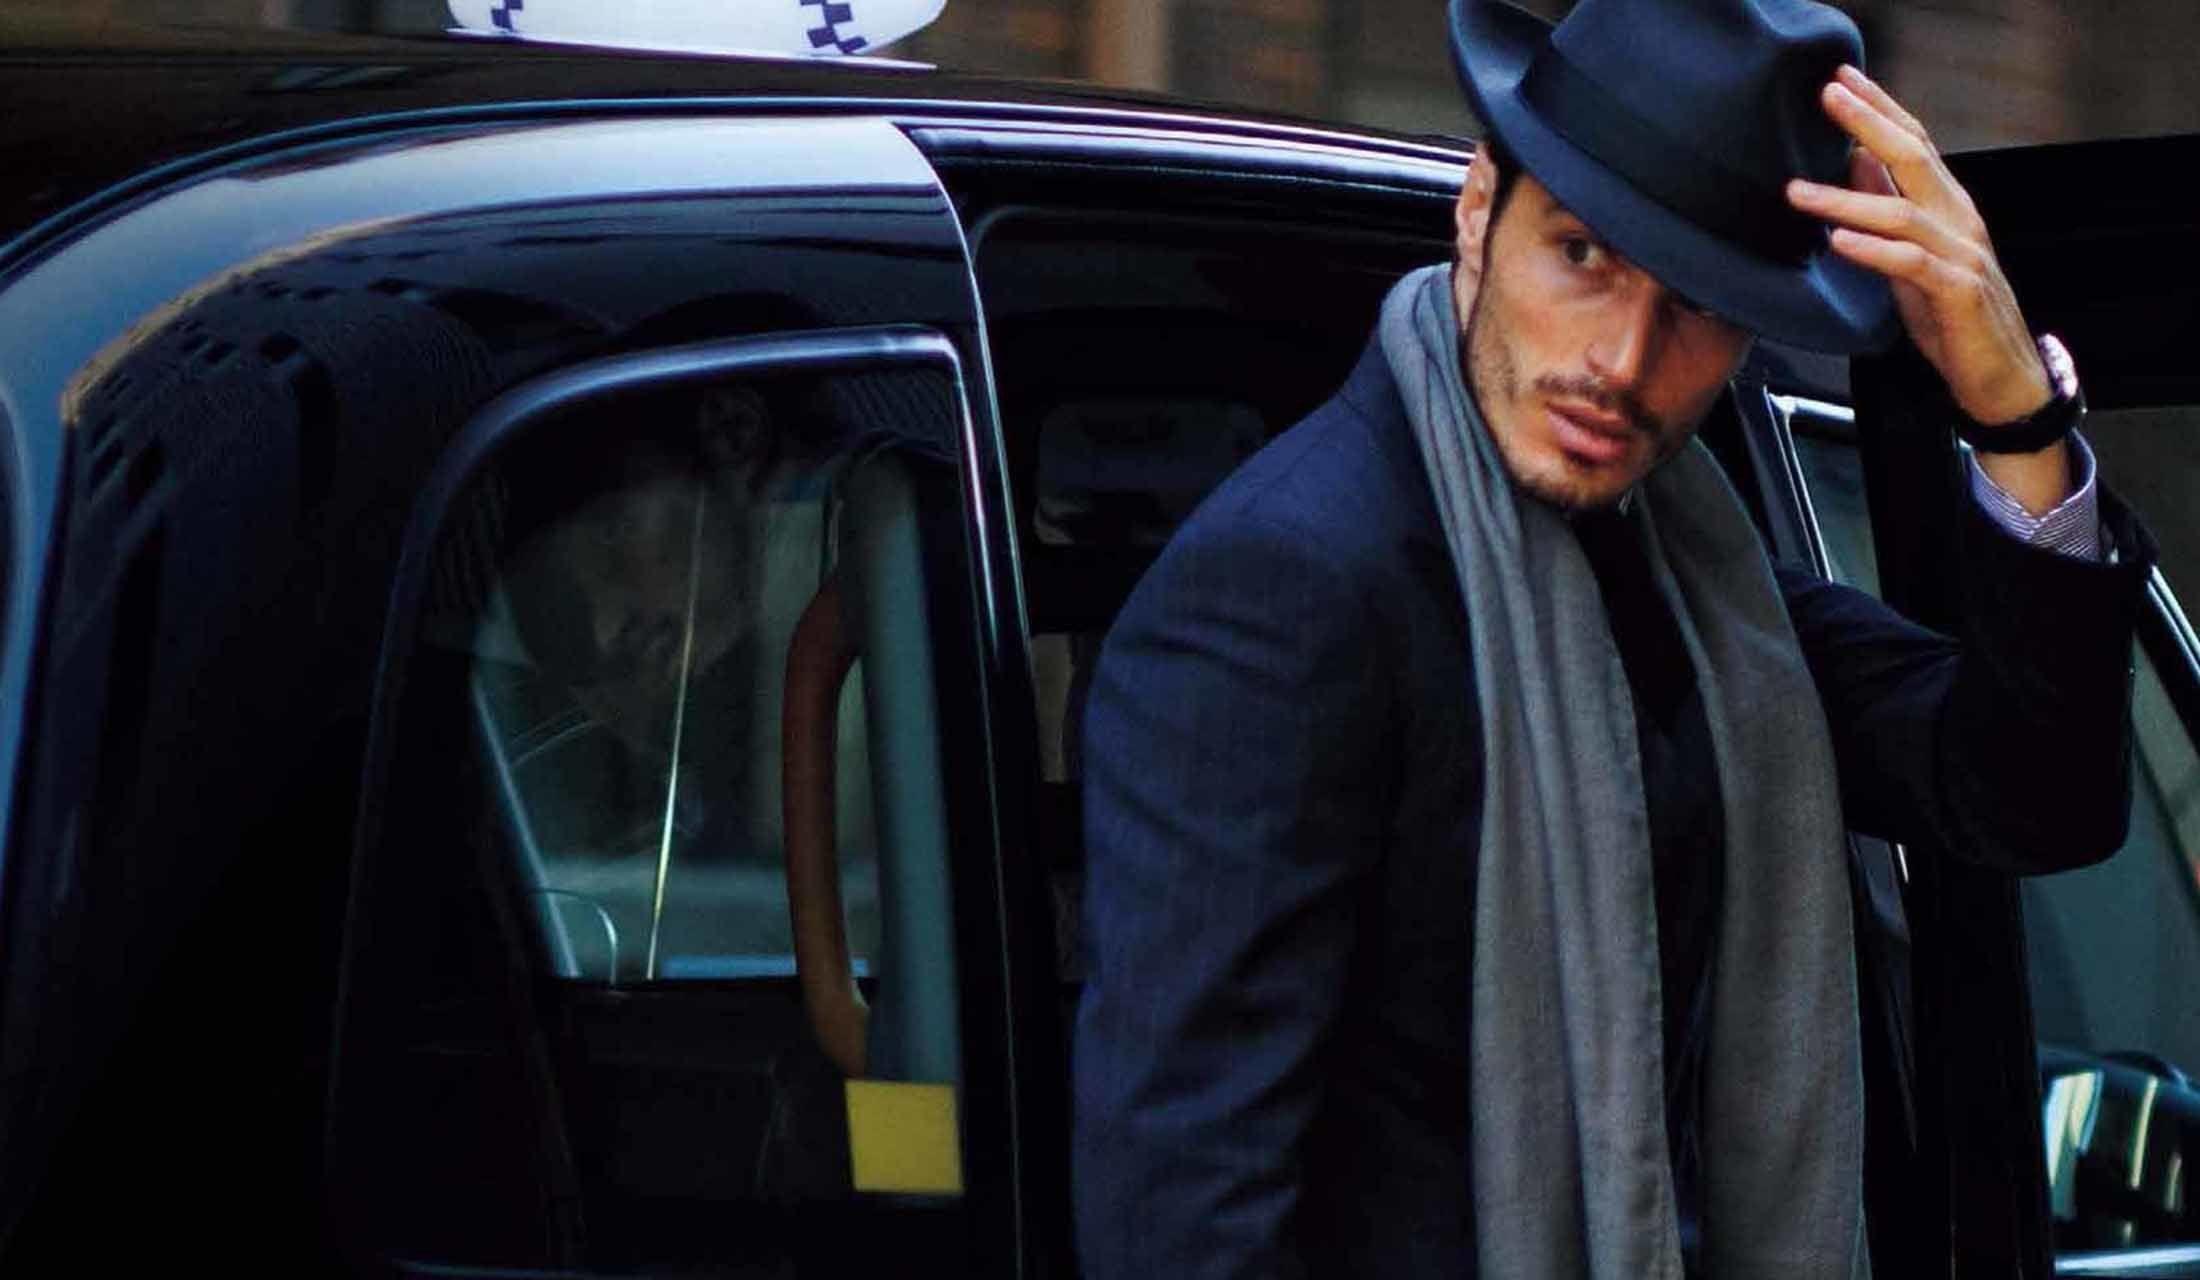 ロンドンタクシーから降りてくる帽子をかぶった外国人